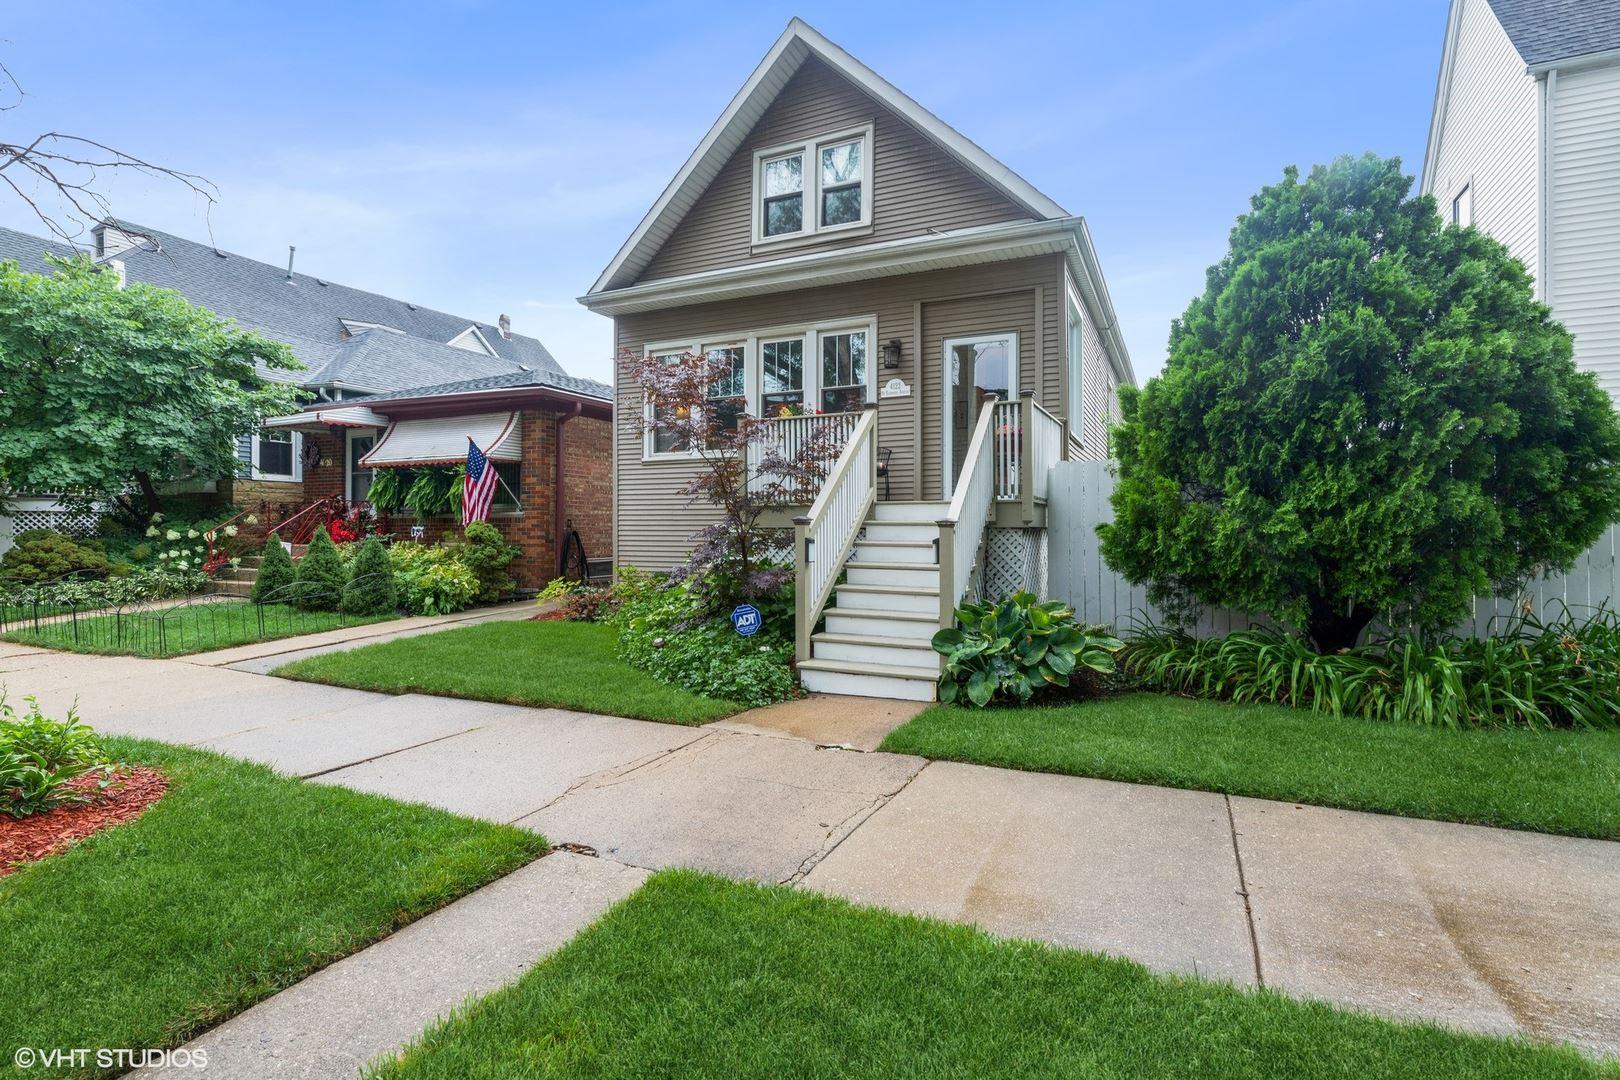 4122 N Kilbourn Avenue, Chicago, IL 60641 - #: 11224820